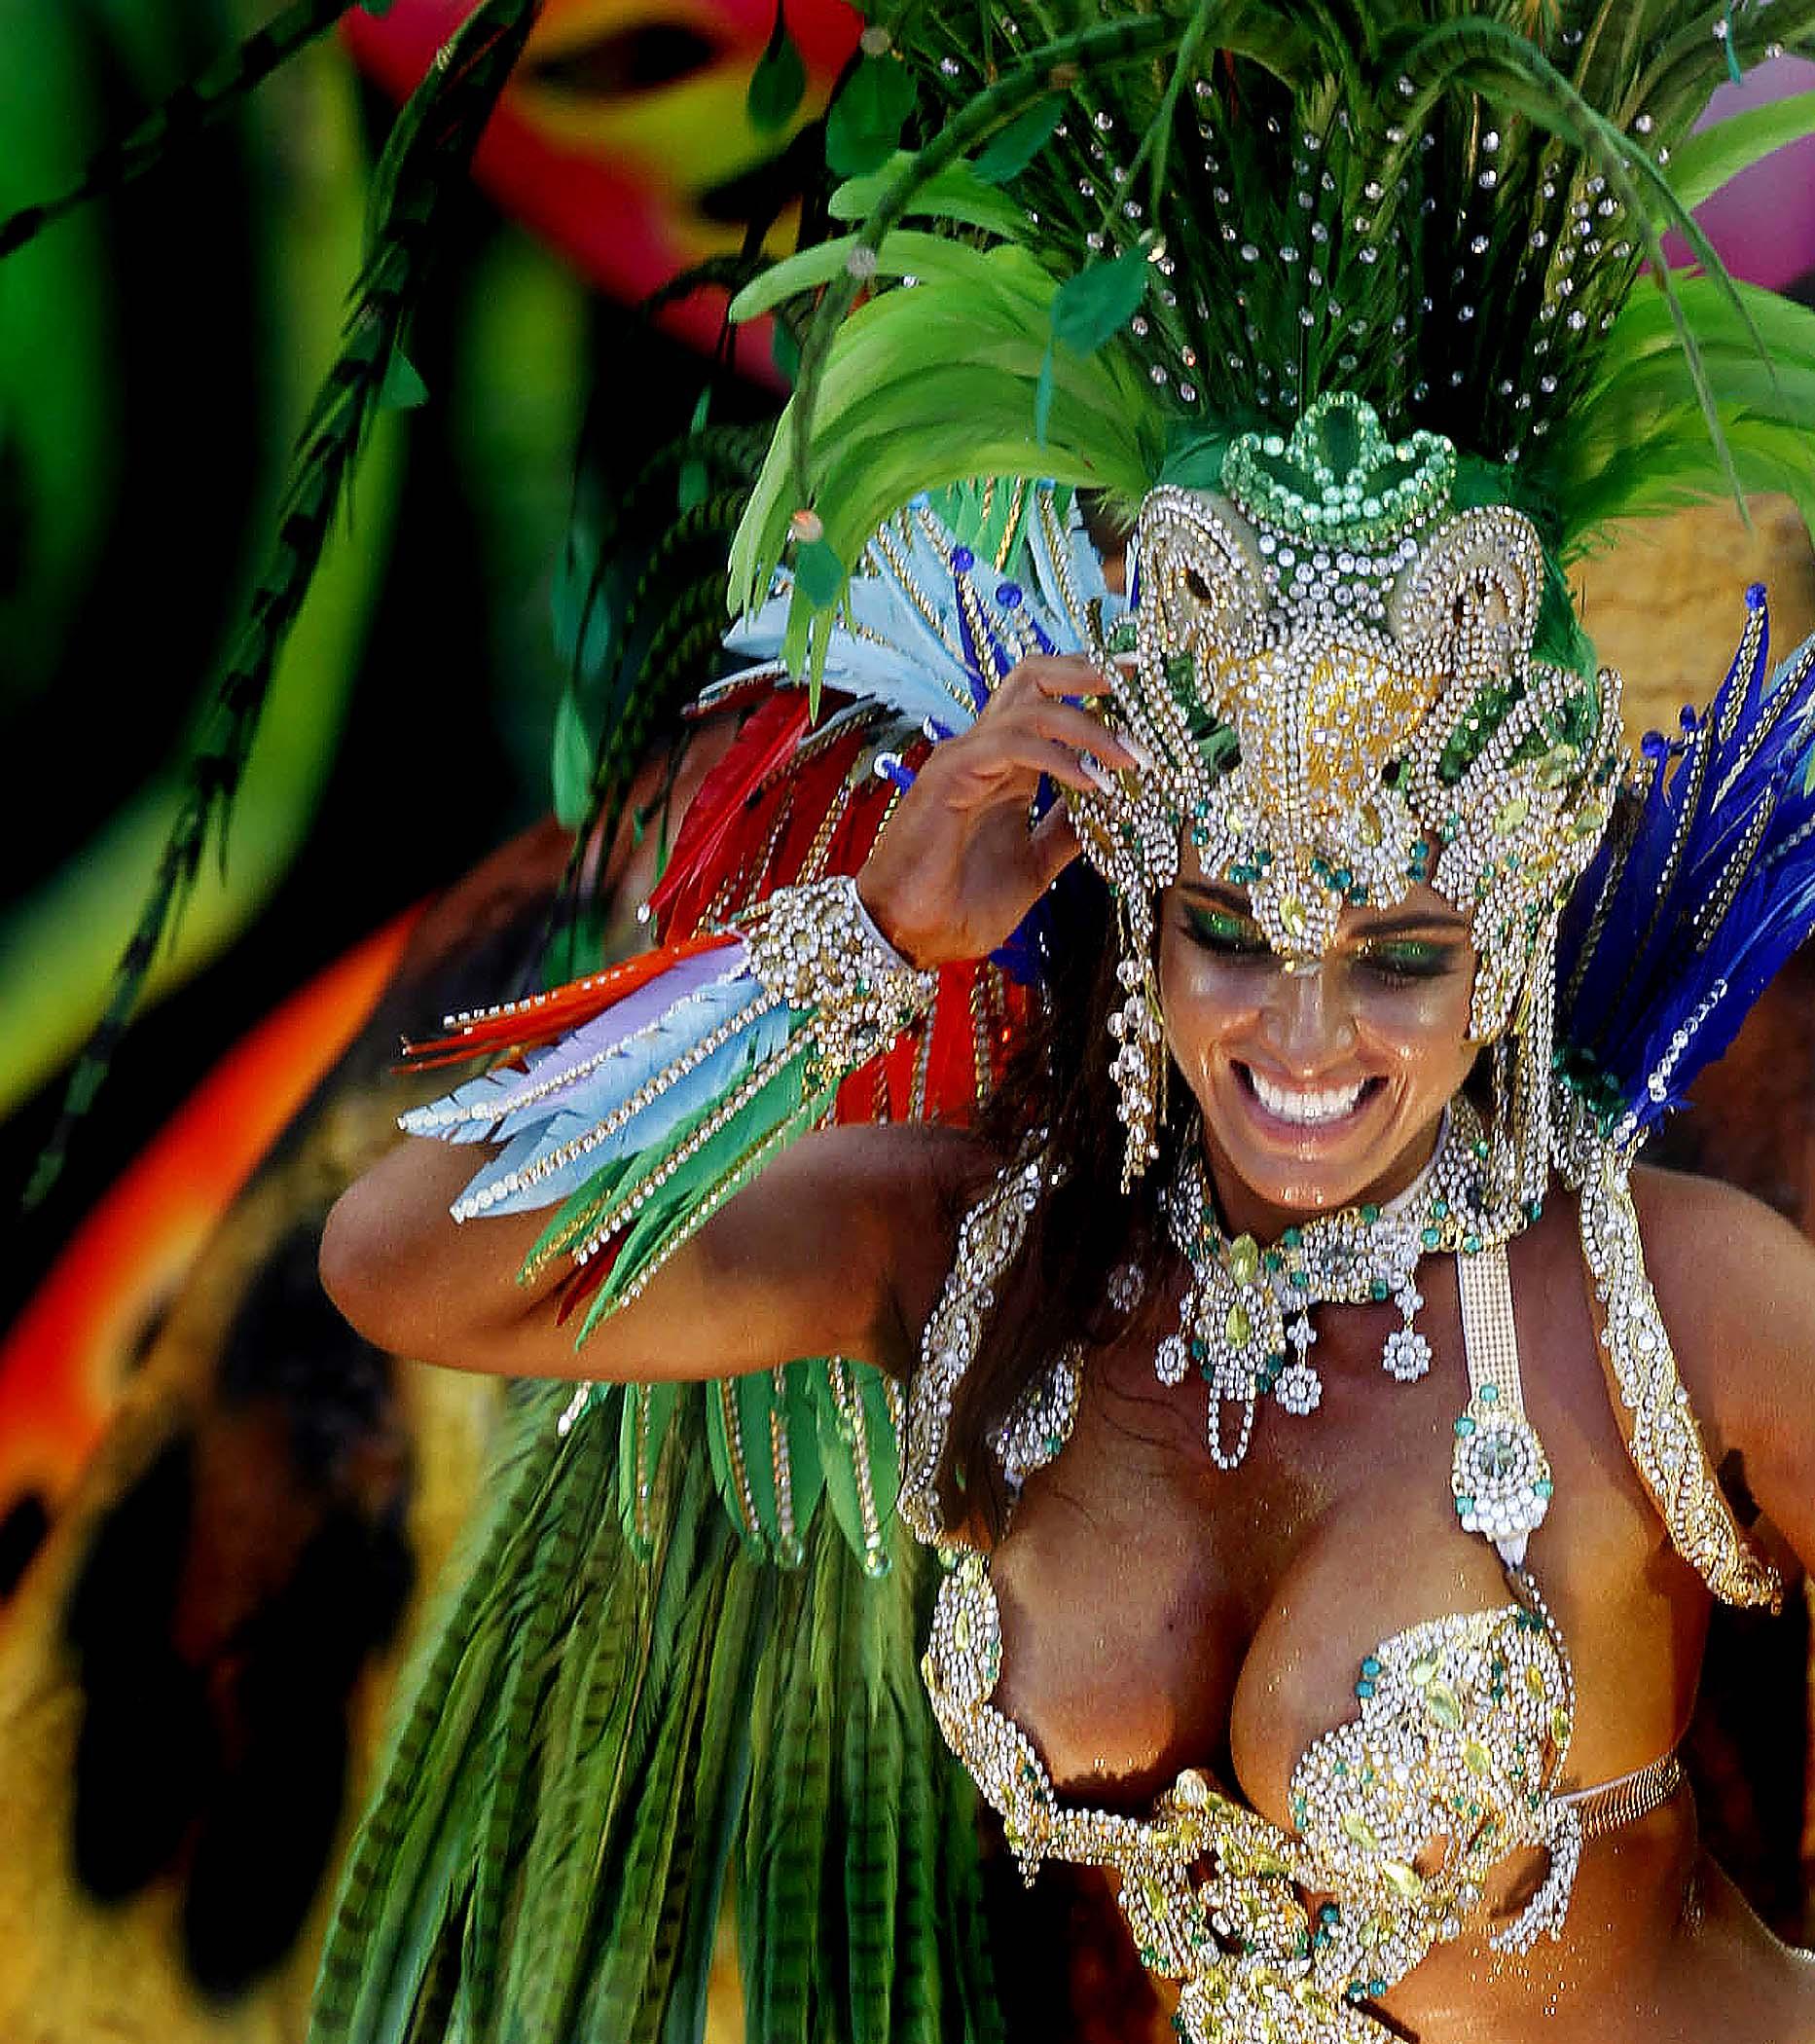 As Melhores Cidades Para Pular Carnaval - Dicas